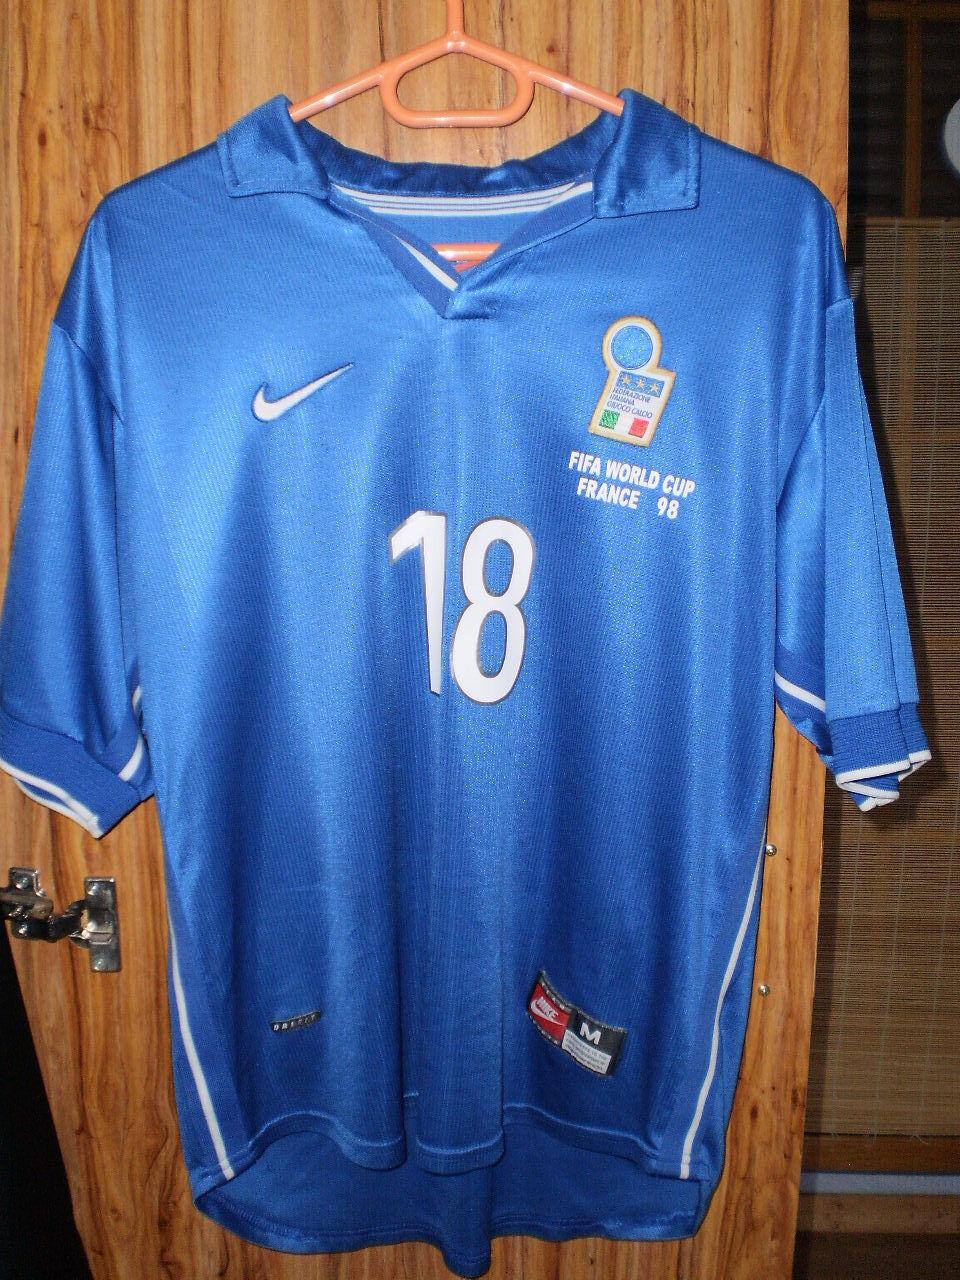 BAGGIO R. 18 ITALIA Maillot Maglia Shirt Officiel World Cup France 98